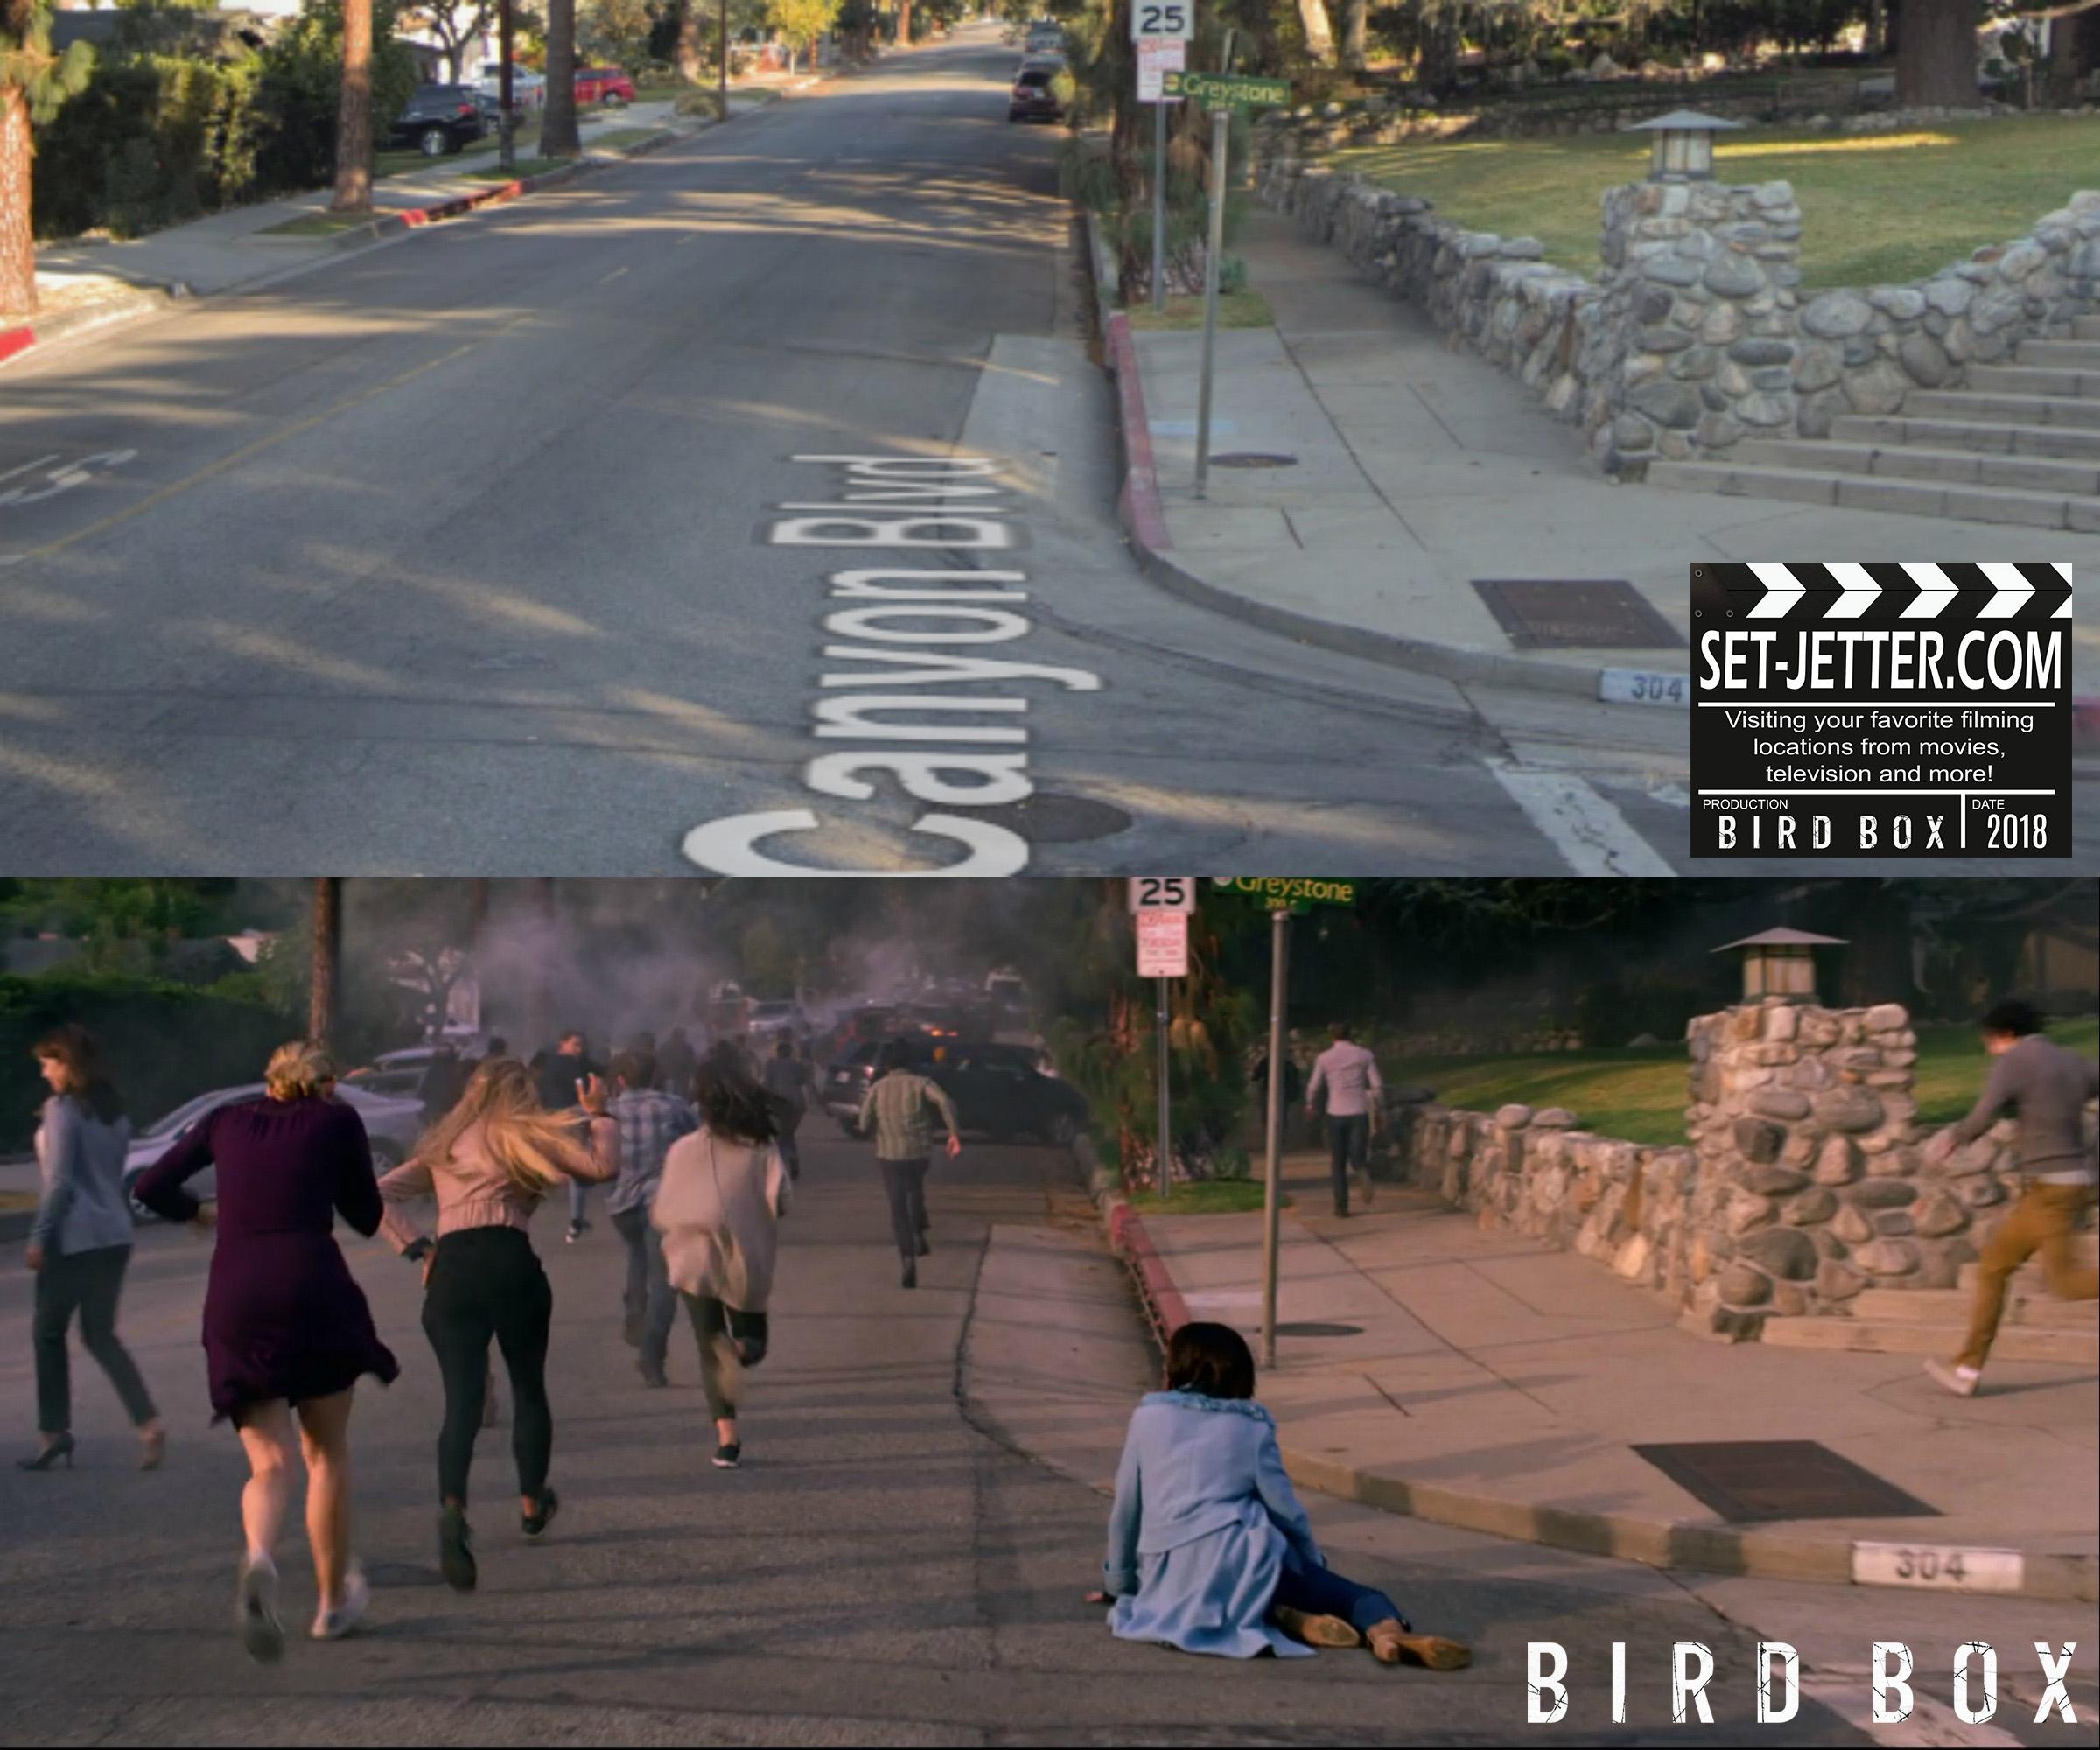 Bird Box Monrovia 12.jpg